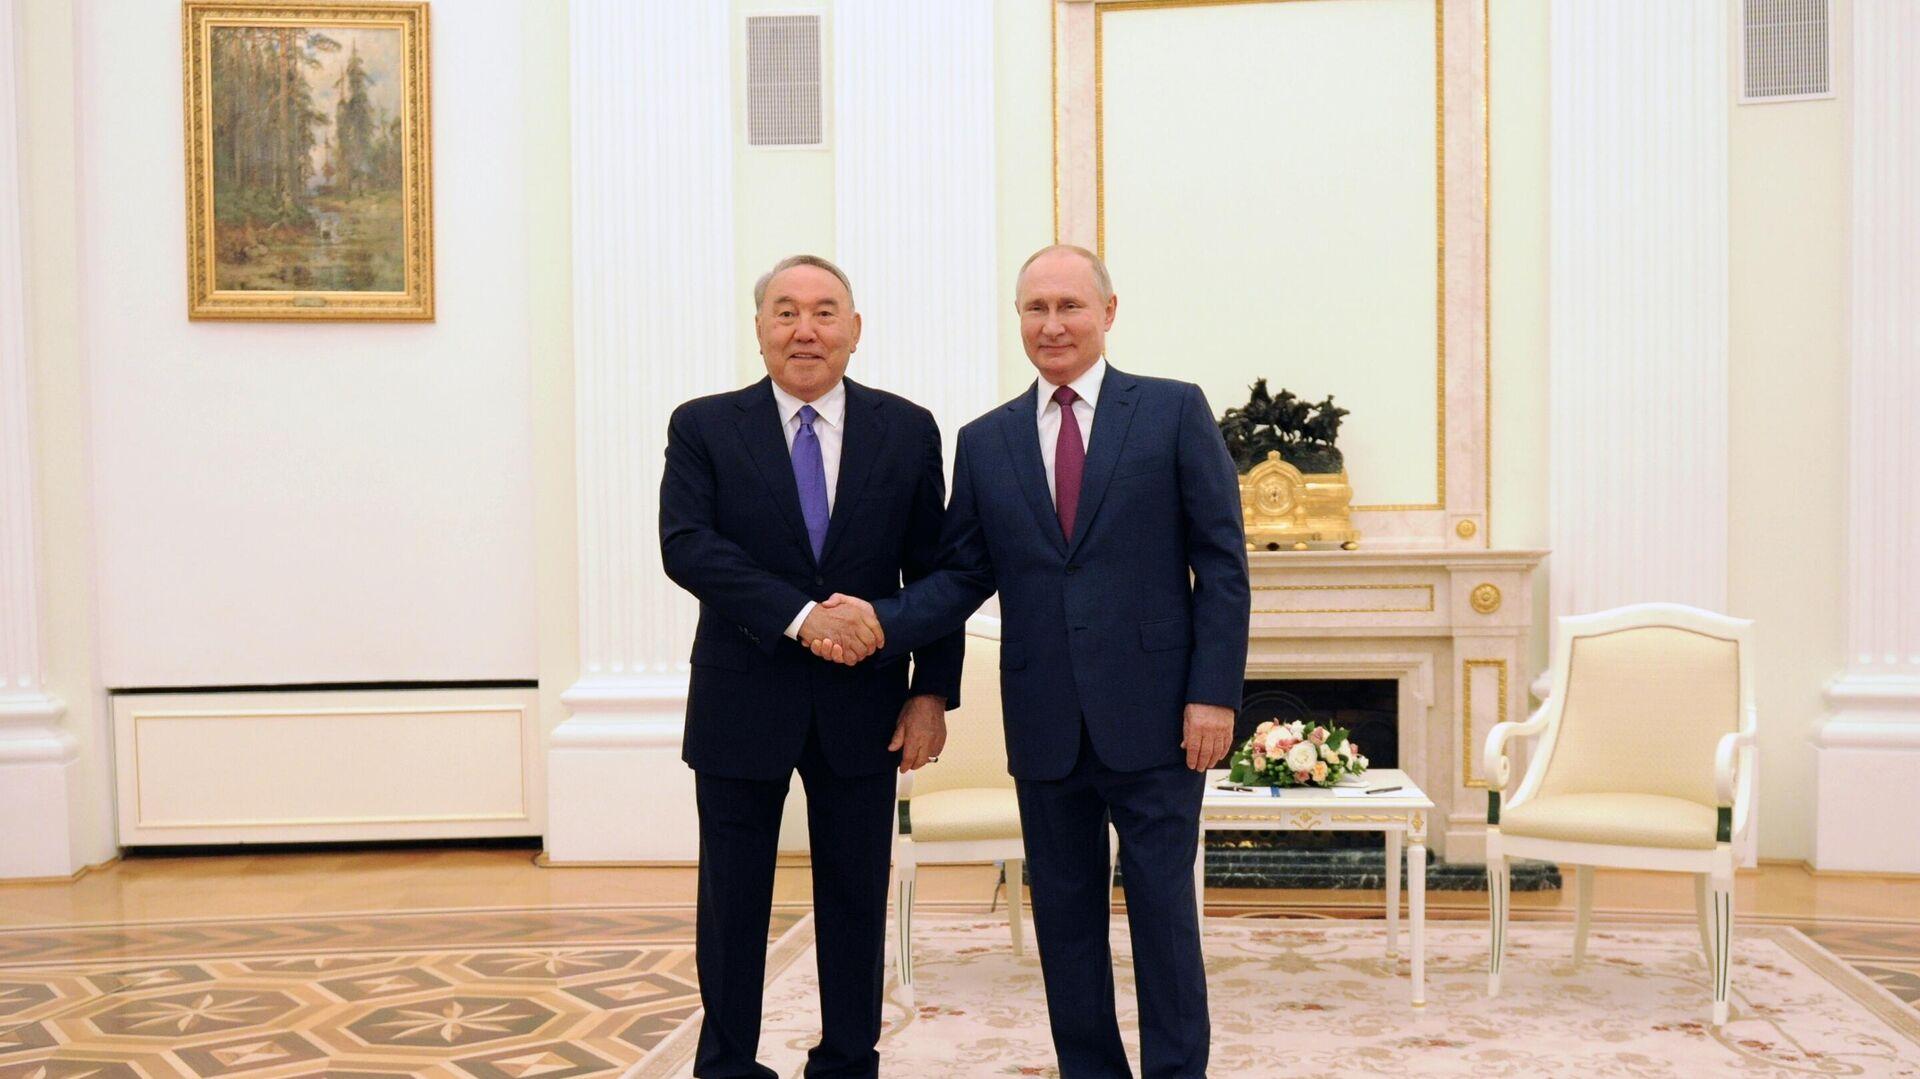 Президент РФ Владимир Путин и первый президент Казахстана Нурсултан Назарбаев во время встречи - РИА Новости, 1920, 30.06.2021